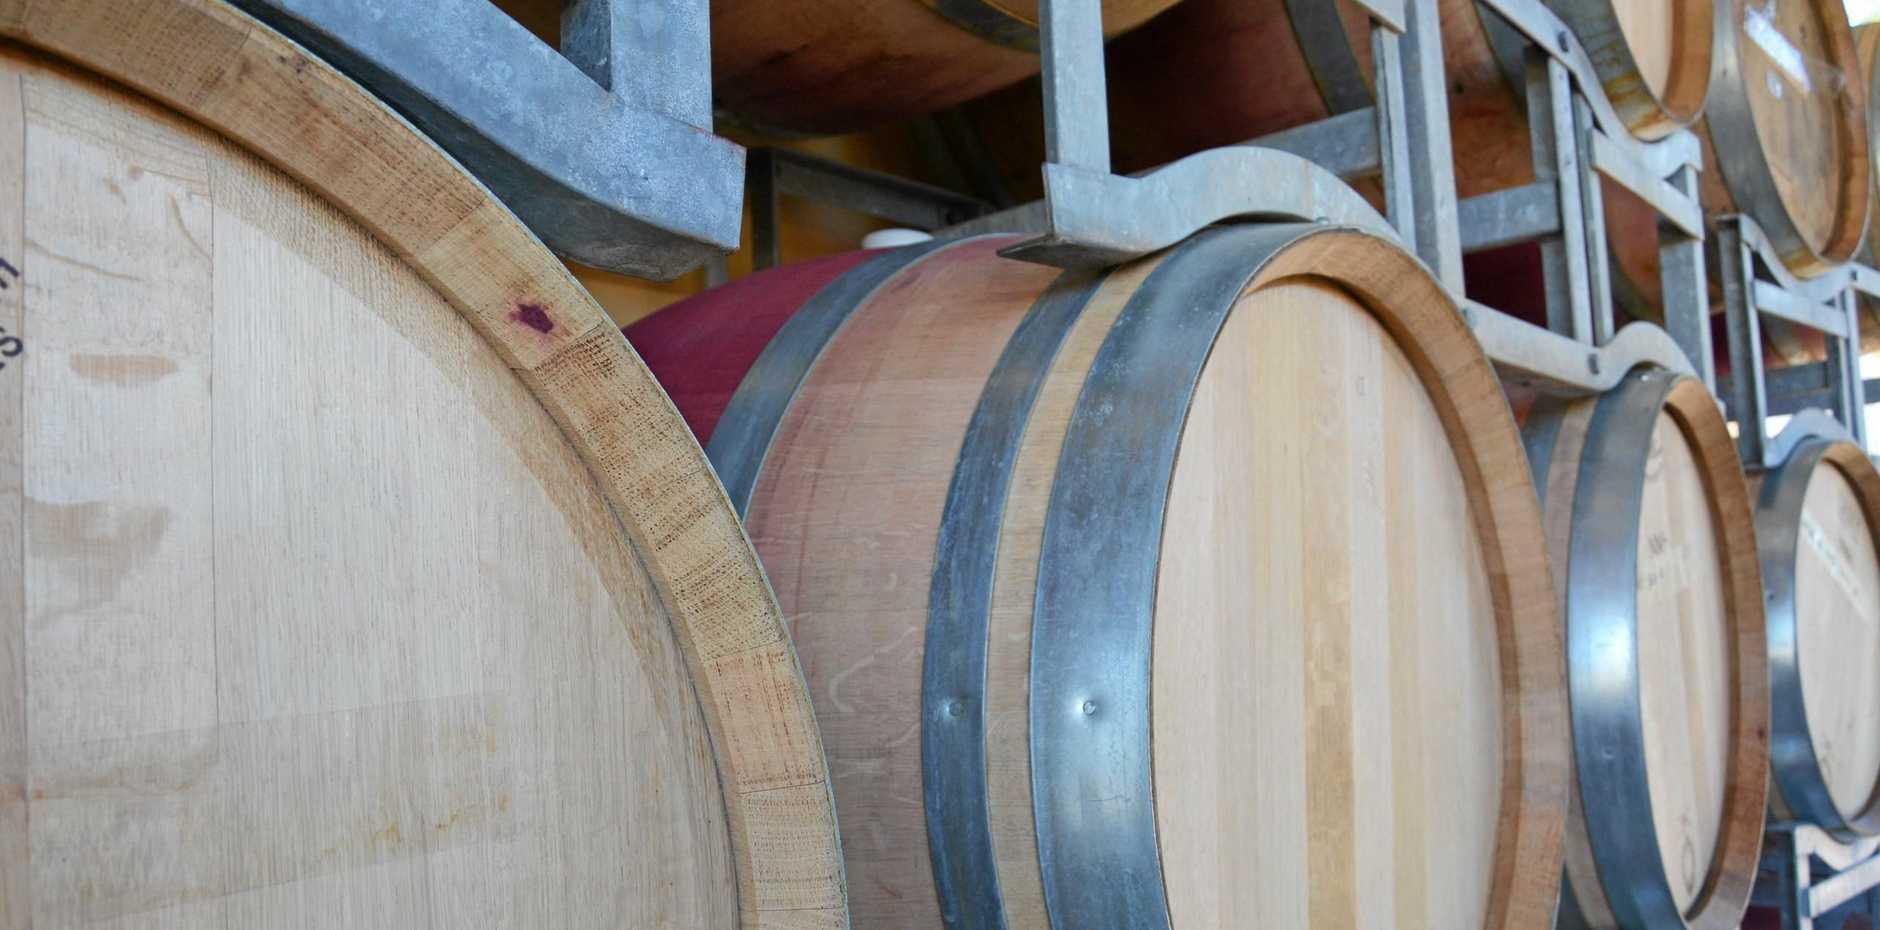 Wine barrels in the Margaret River region in Western Australia.